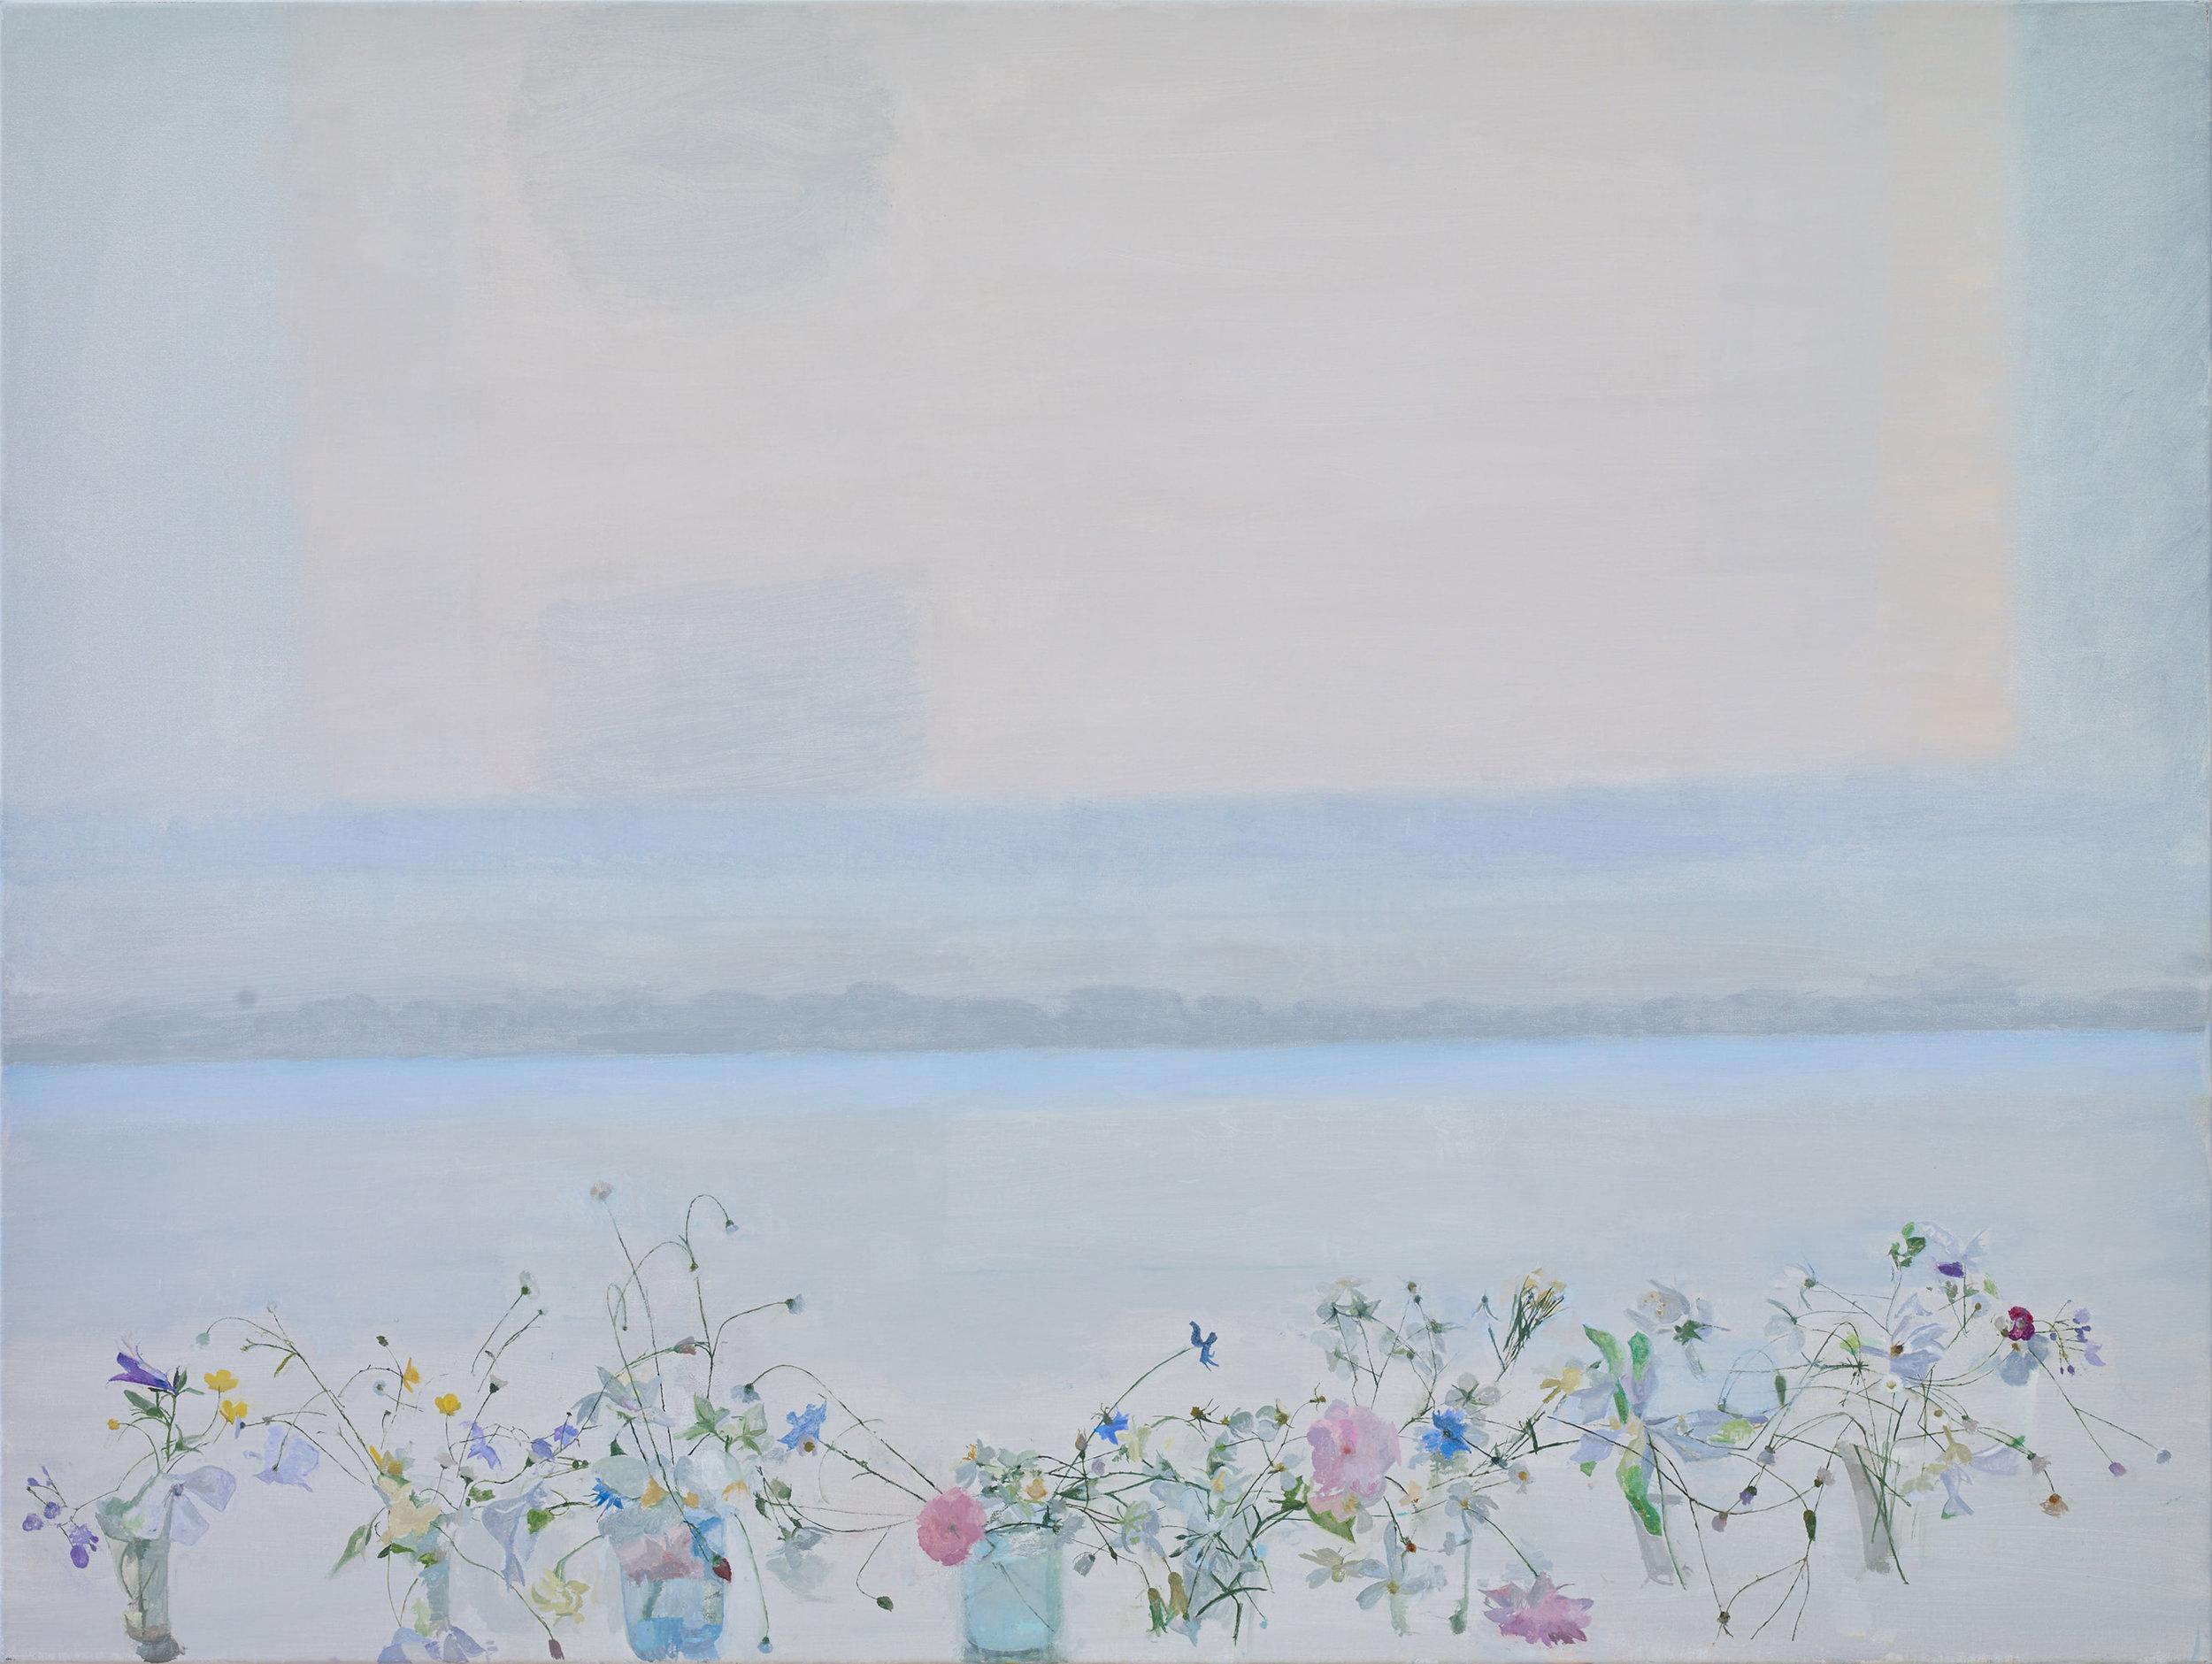 Summer Growth, 2017, oil on canvas, 90 x 120 cm